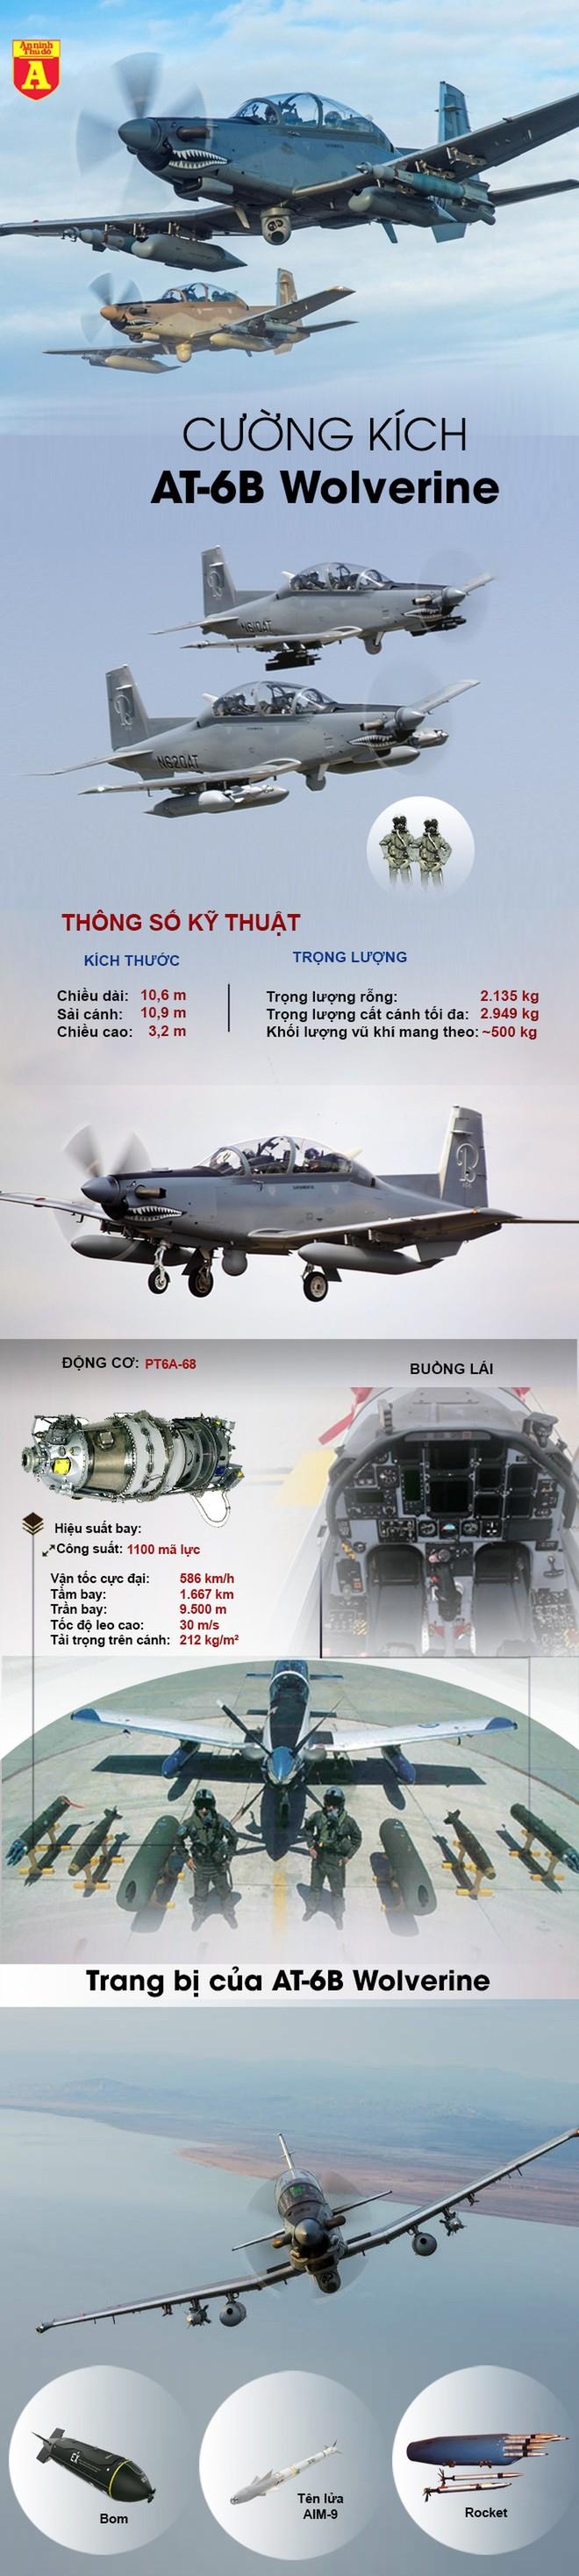 [Info] Chiến đấu cơ Mỹ giá chỉ 10 triệu USD có thể đổ bộ vào Đông Nam Á ảnh 2